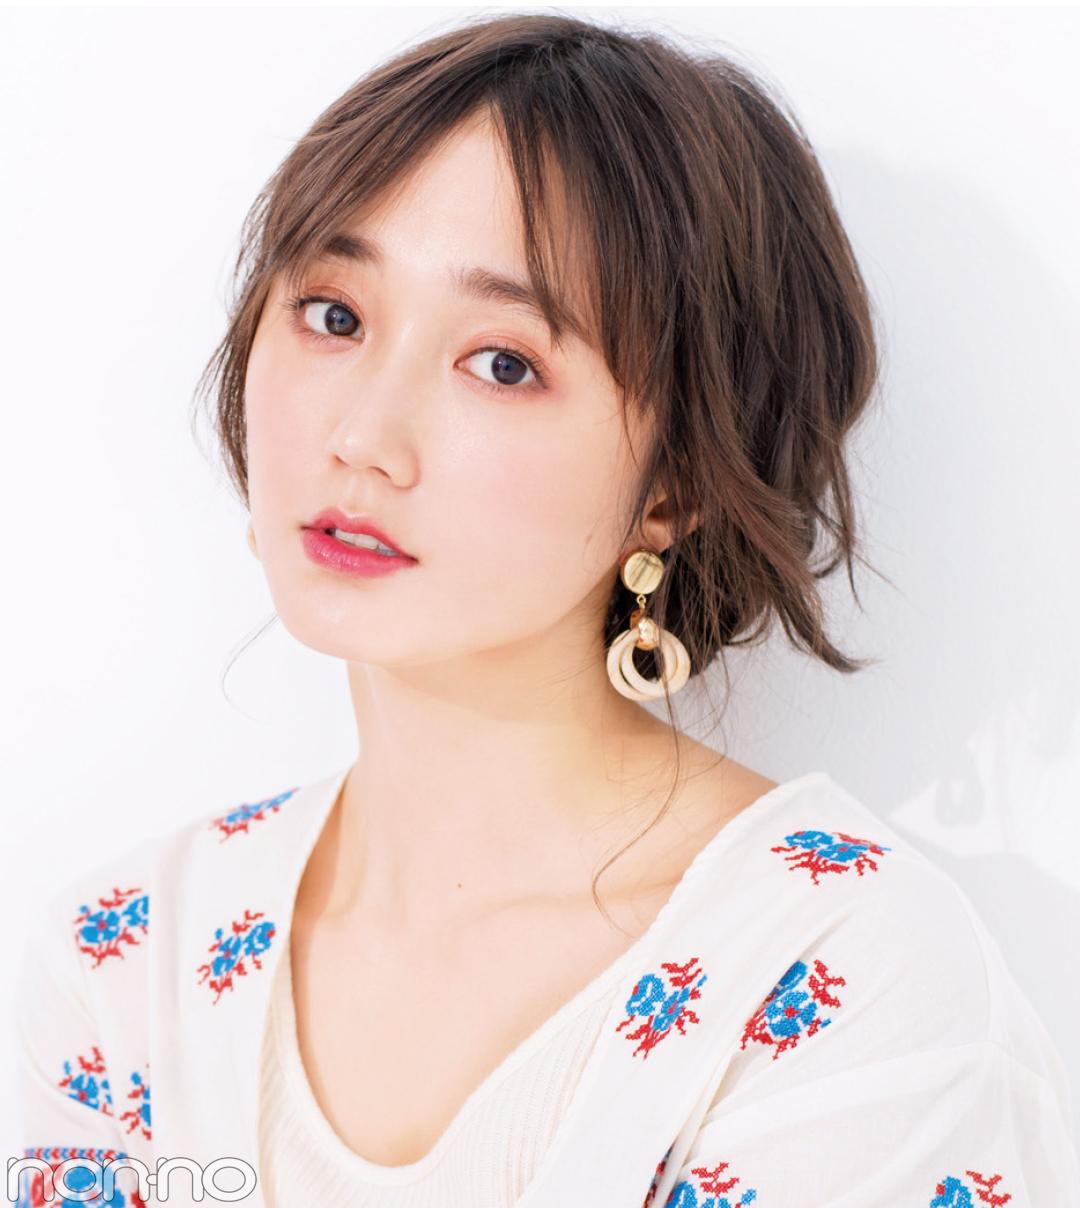 夏の小顔ヘアアレンジ★前髪と触角まわりでひし形を作る!_1_4